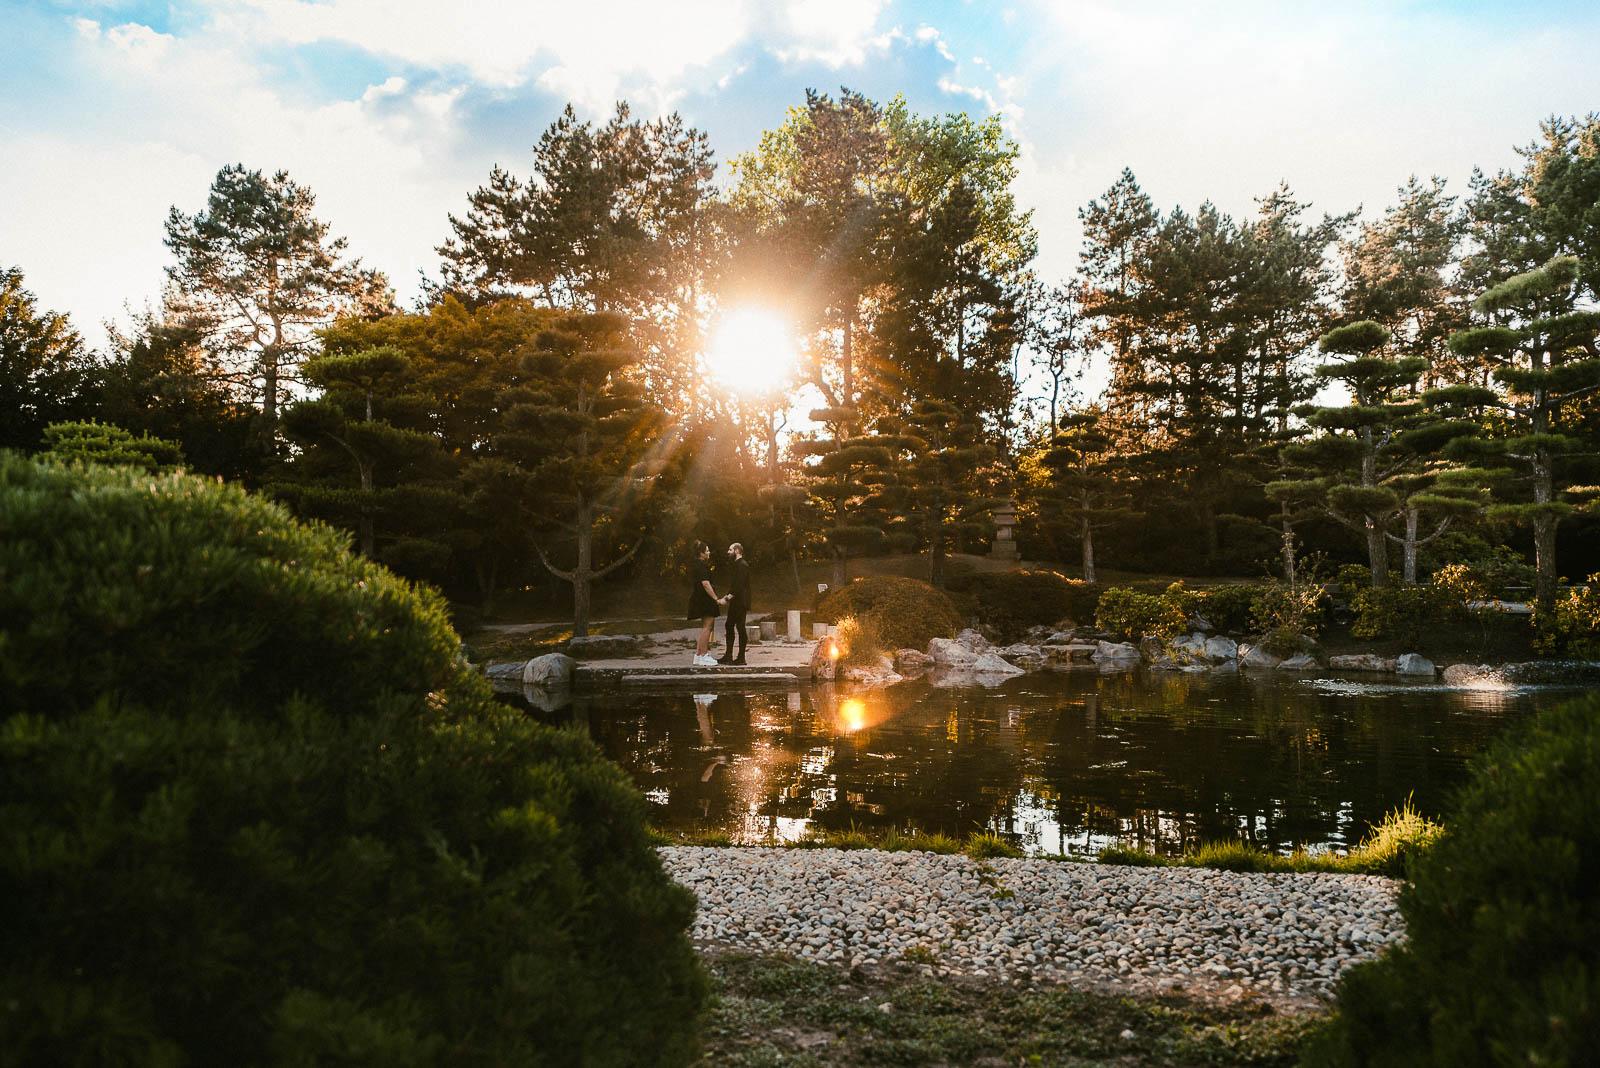 Japanischer Garten Fotoshooting Nordpark Duesseldorf 3